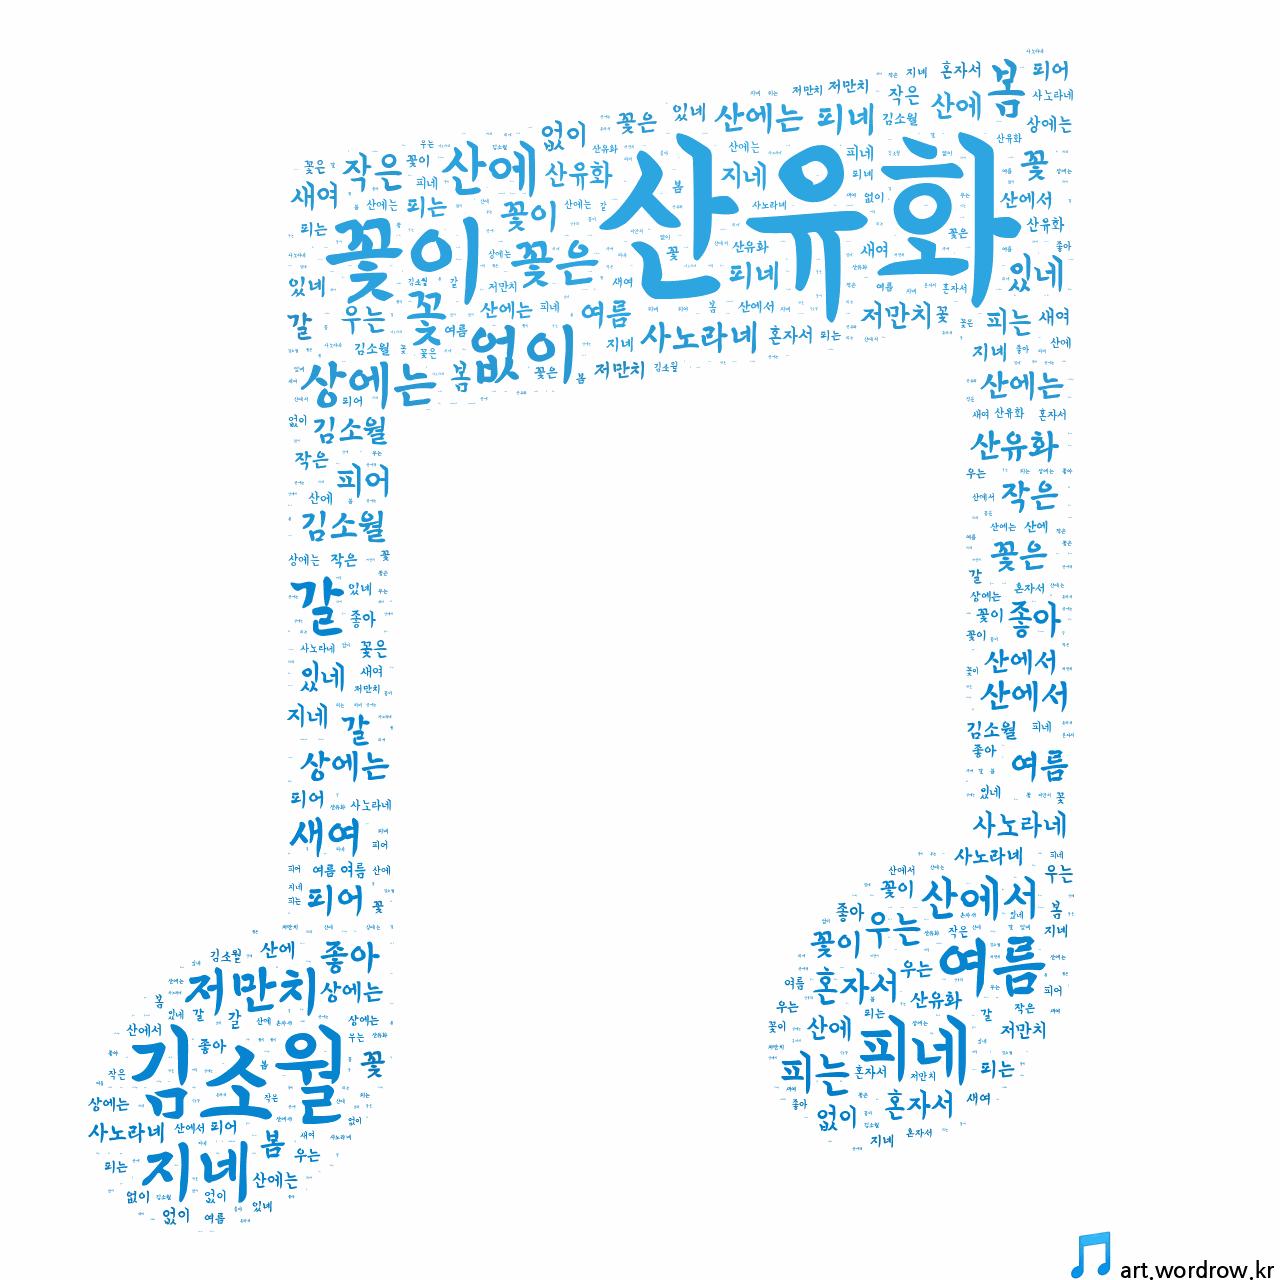 워드 아트: 산유화 [김소월]-5